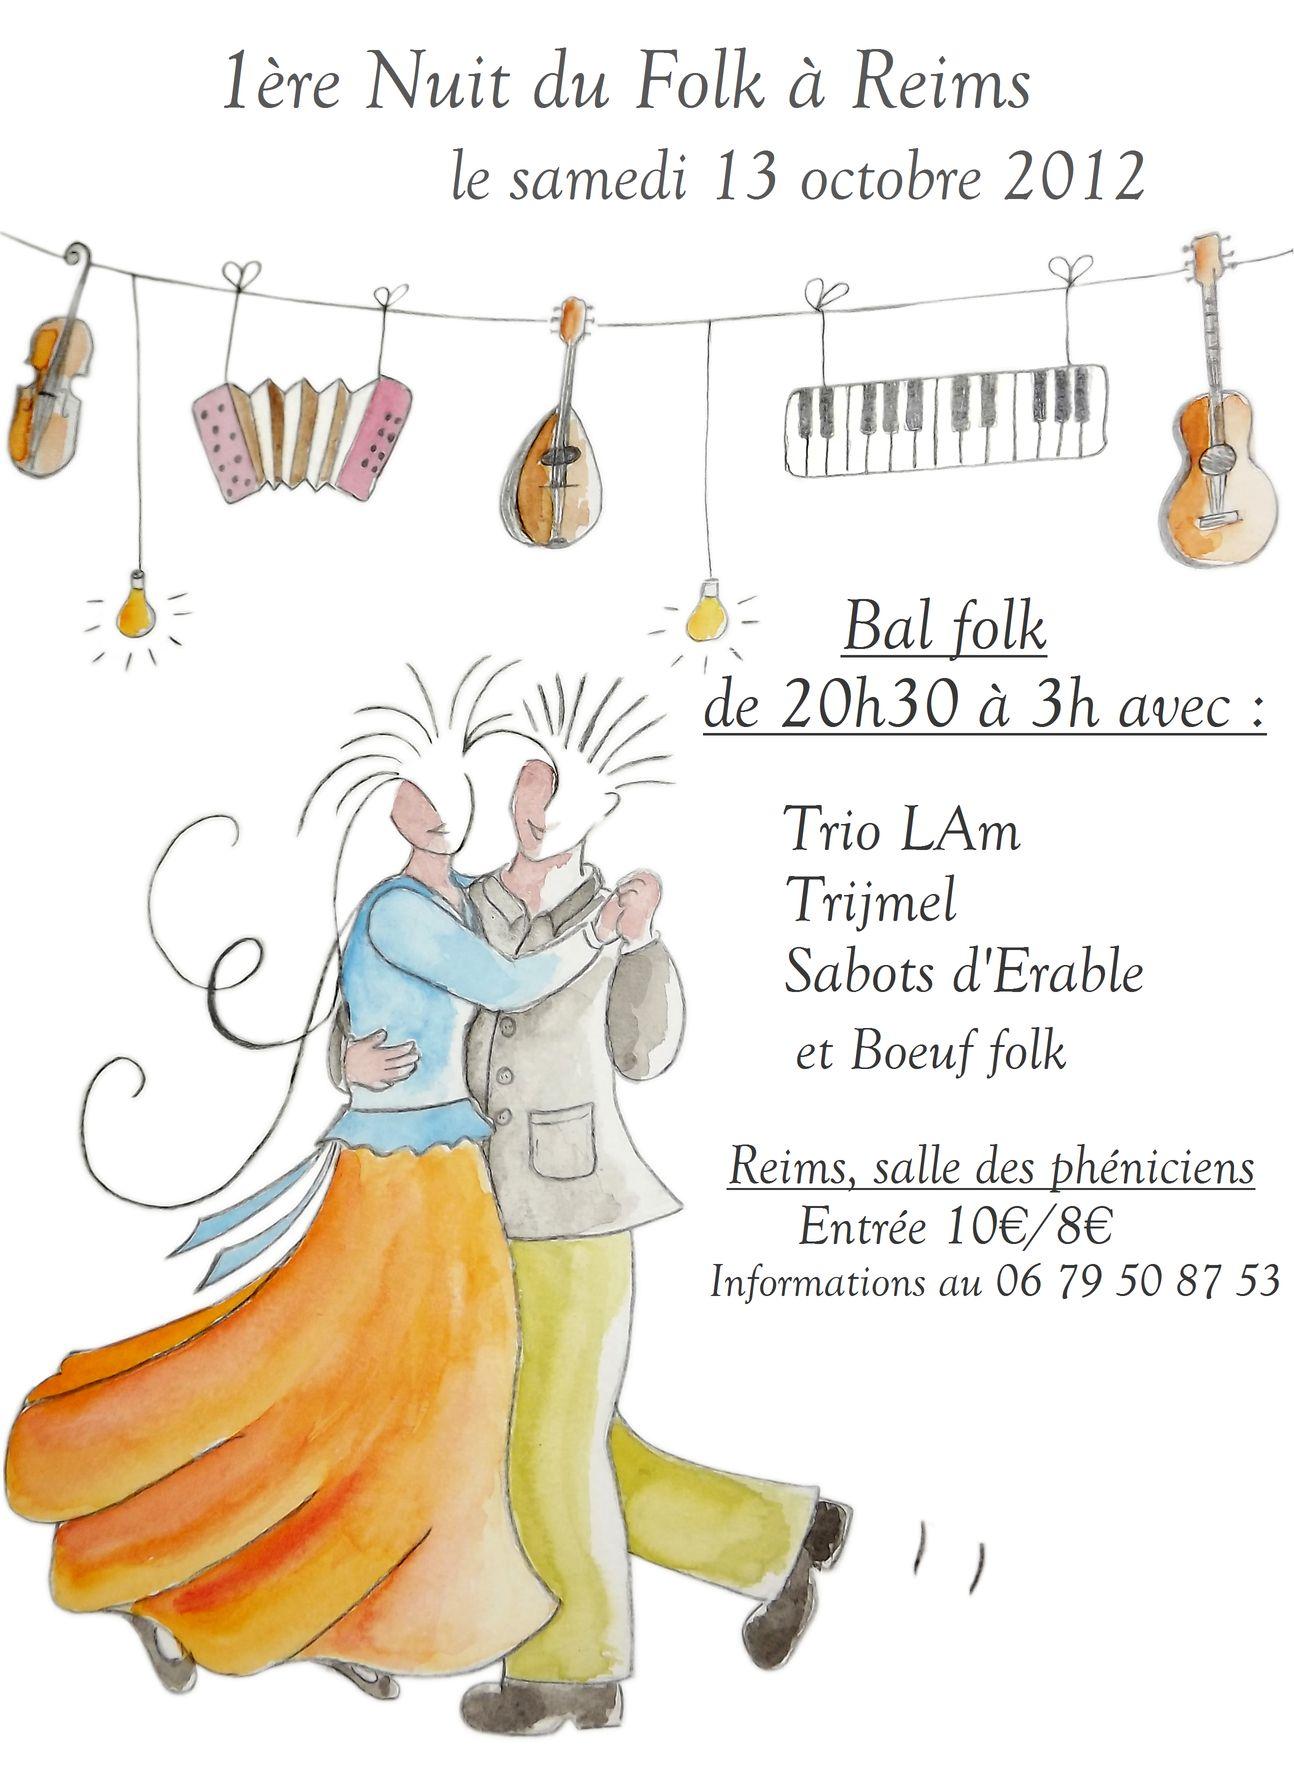 Bal folk 1ère nuit du folk le 13 octobre 2012 à Reims